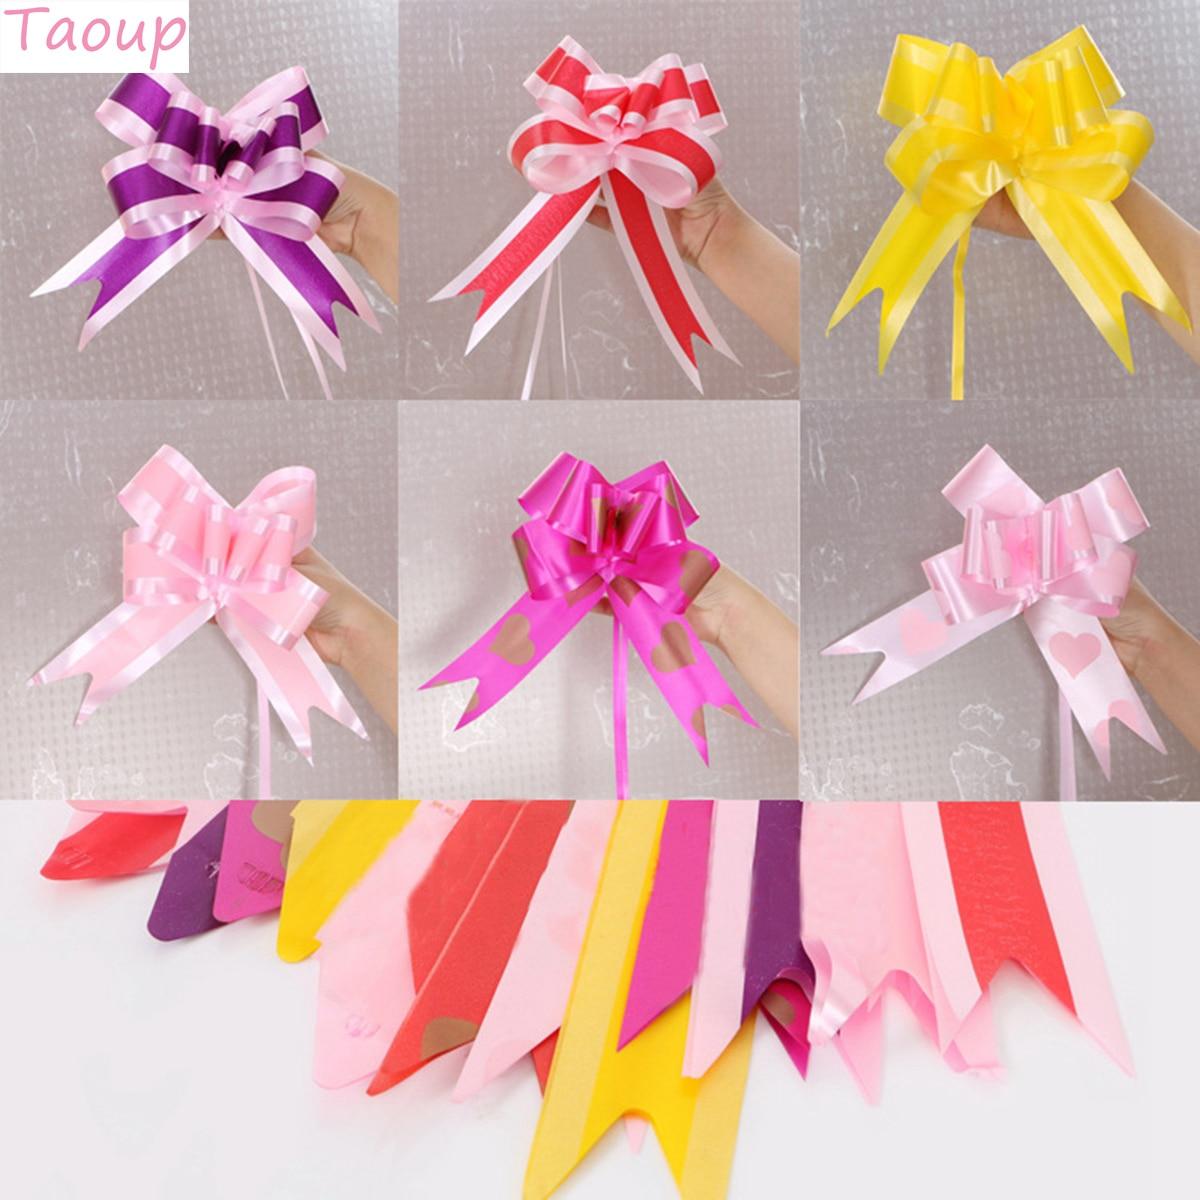 Taoup 10 шт. пряжа бант тянуть цветок ленты конфеты коробки Подарочная упаковка свадебный Декор Аксессуары для мероприятий вечерние ленты